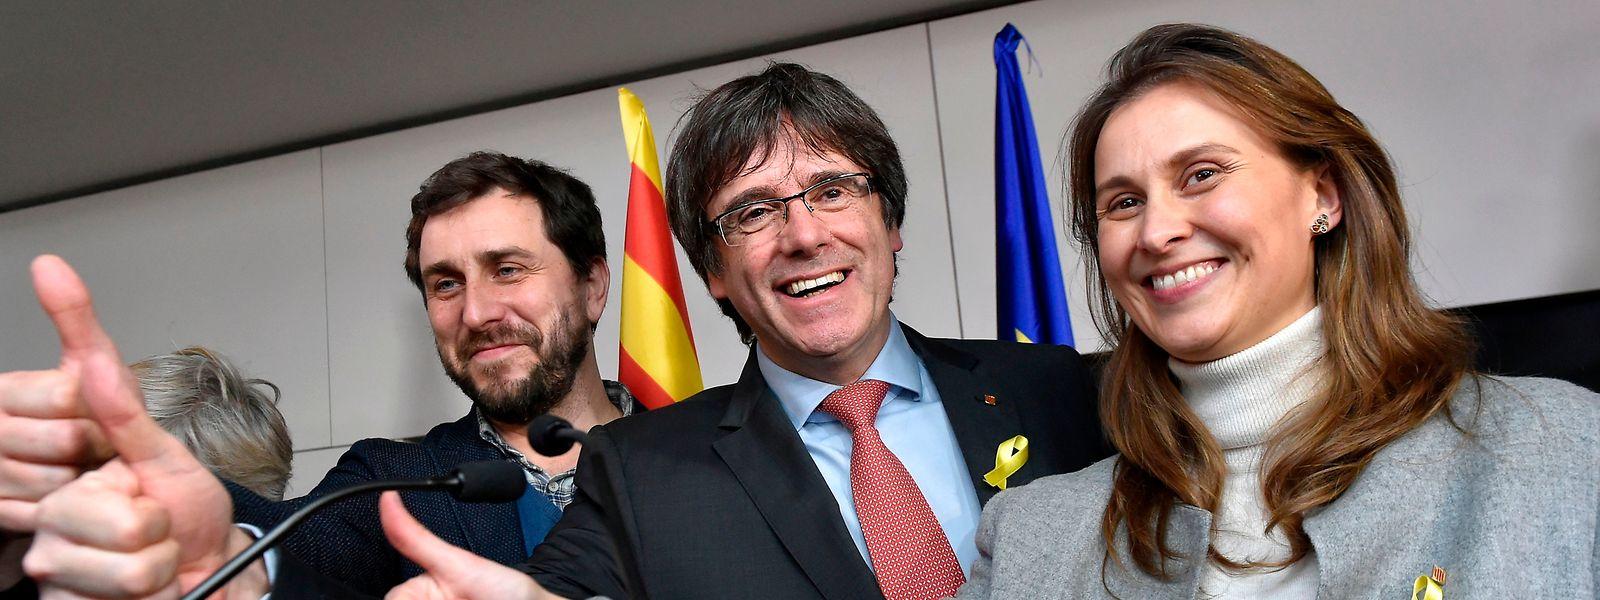 Carles Puigdemont e antigos ministros do governo regional da Catalunha